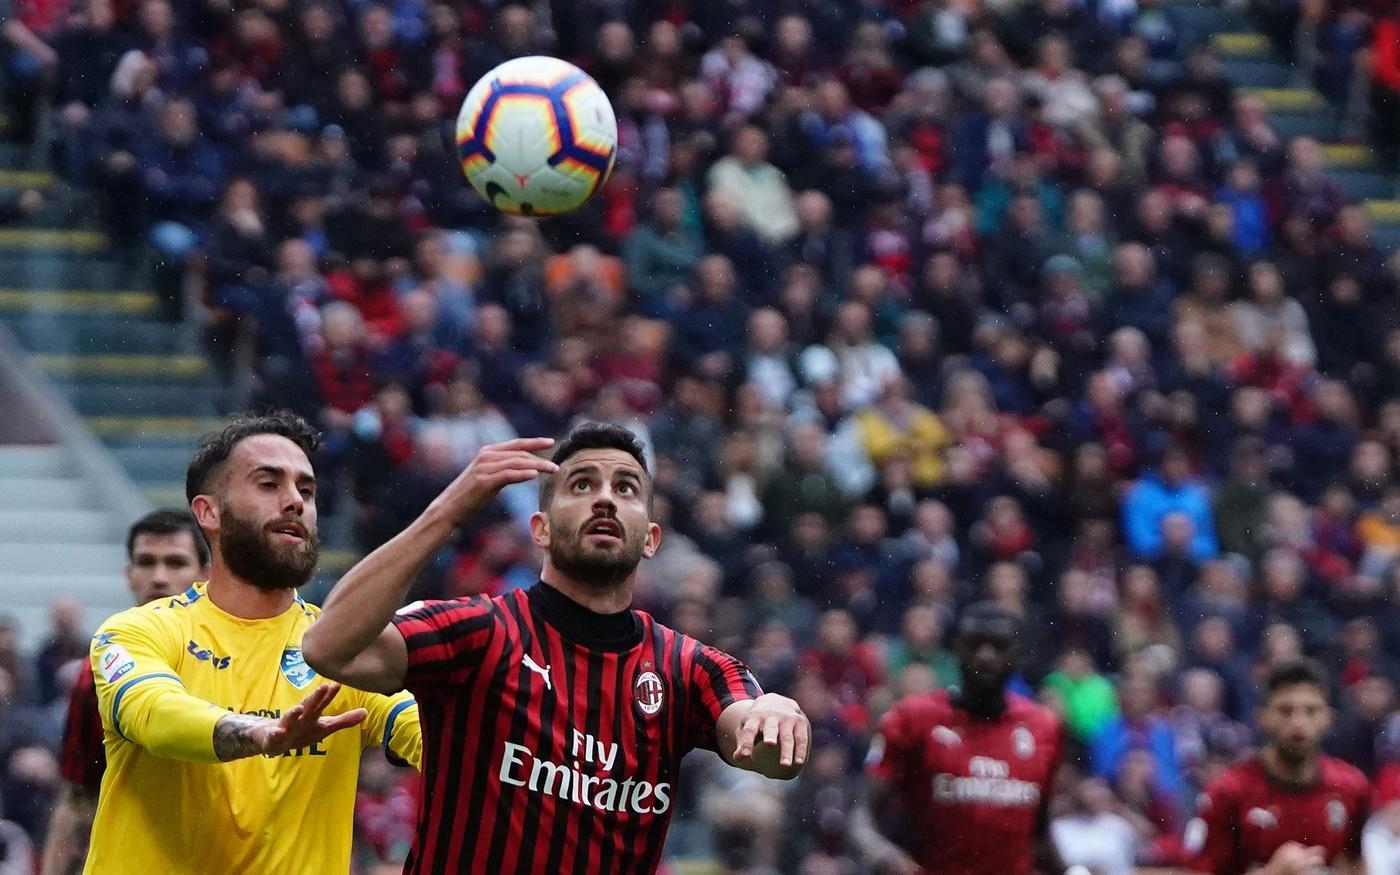 Il Milan non molla la Champions